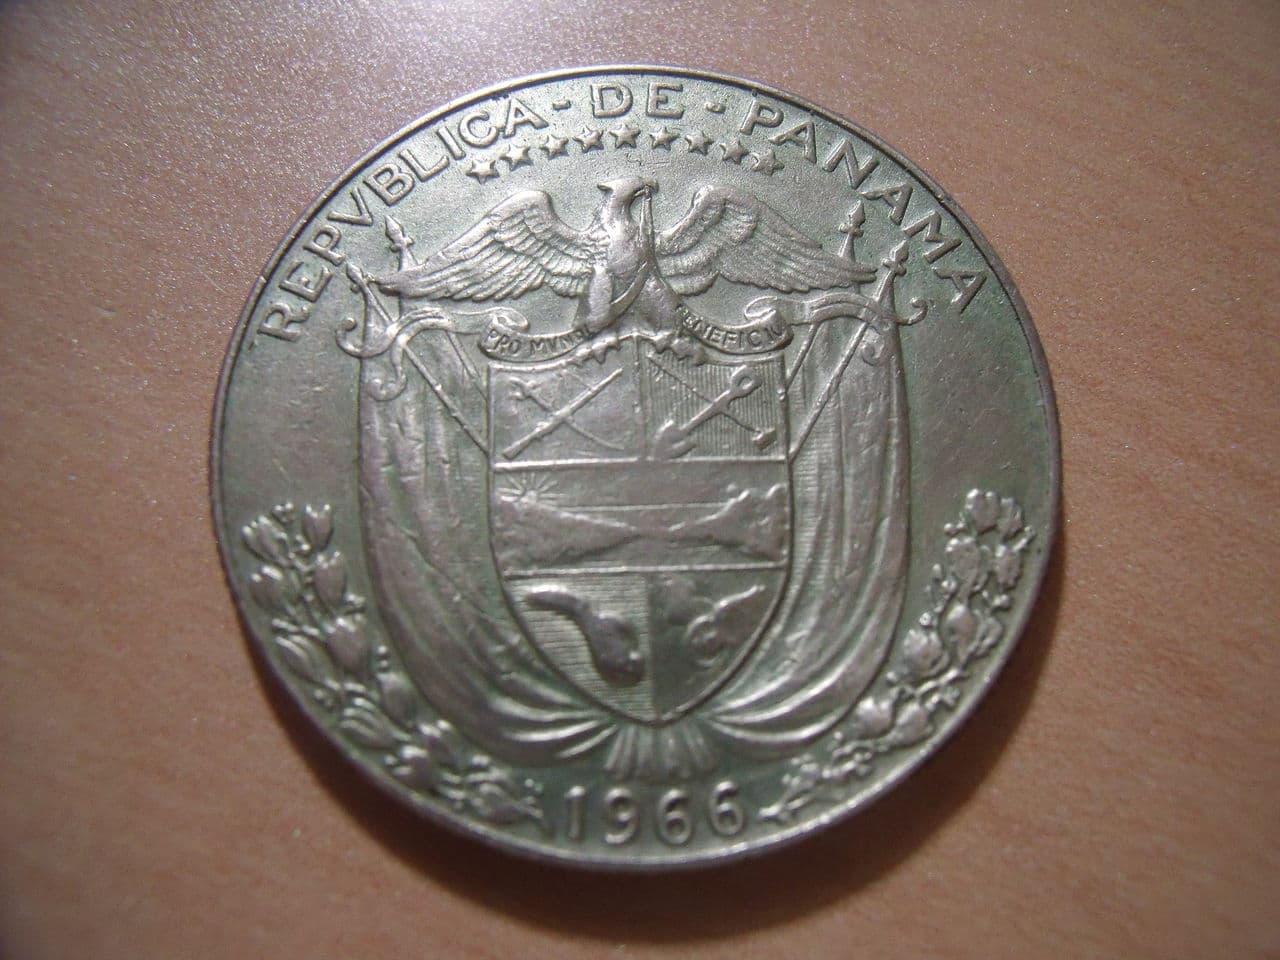 Más BALBOA Monedes_006